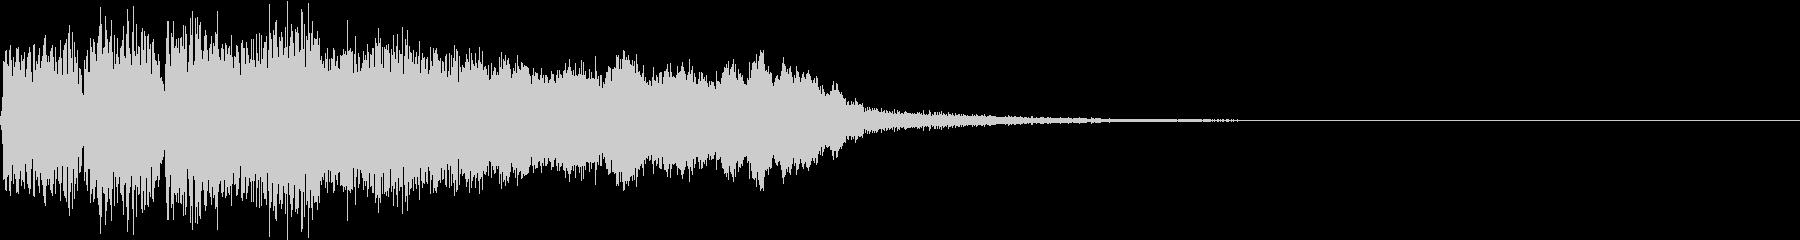 SE ポワーン クイズ出題前 上昇音 5の未再生の波形